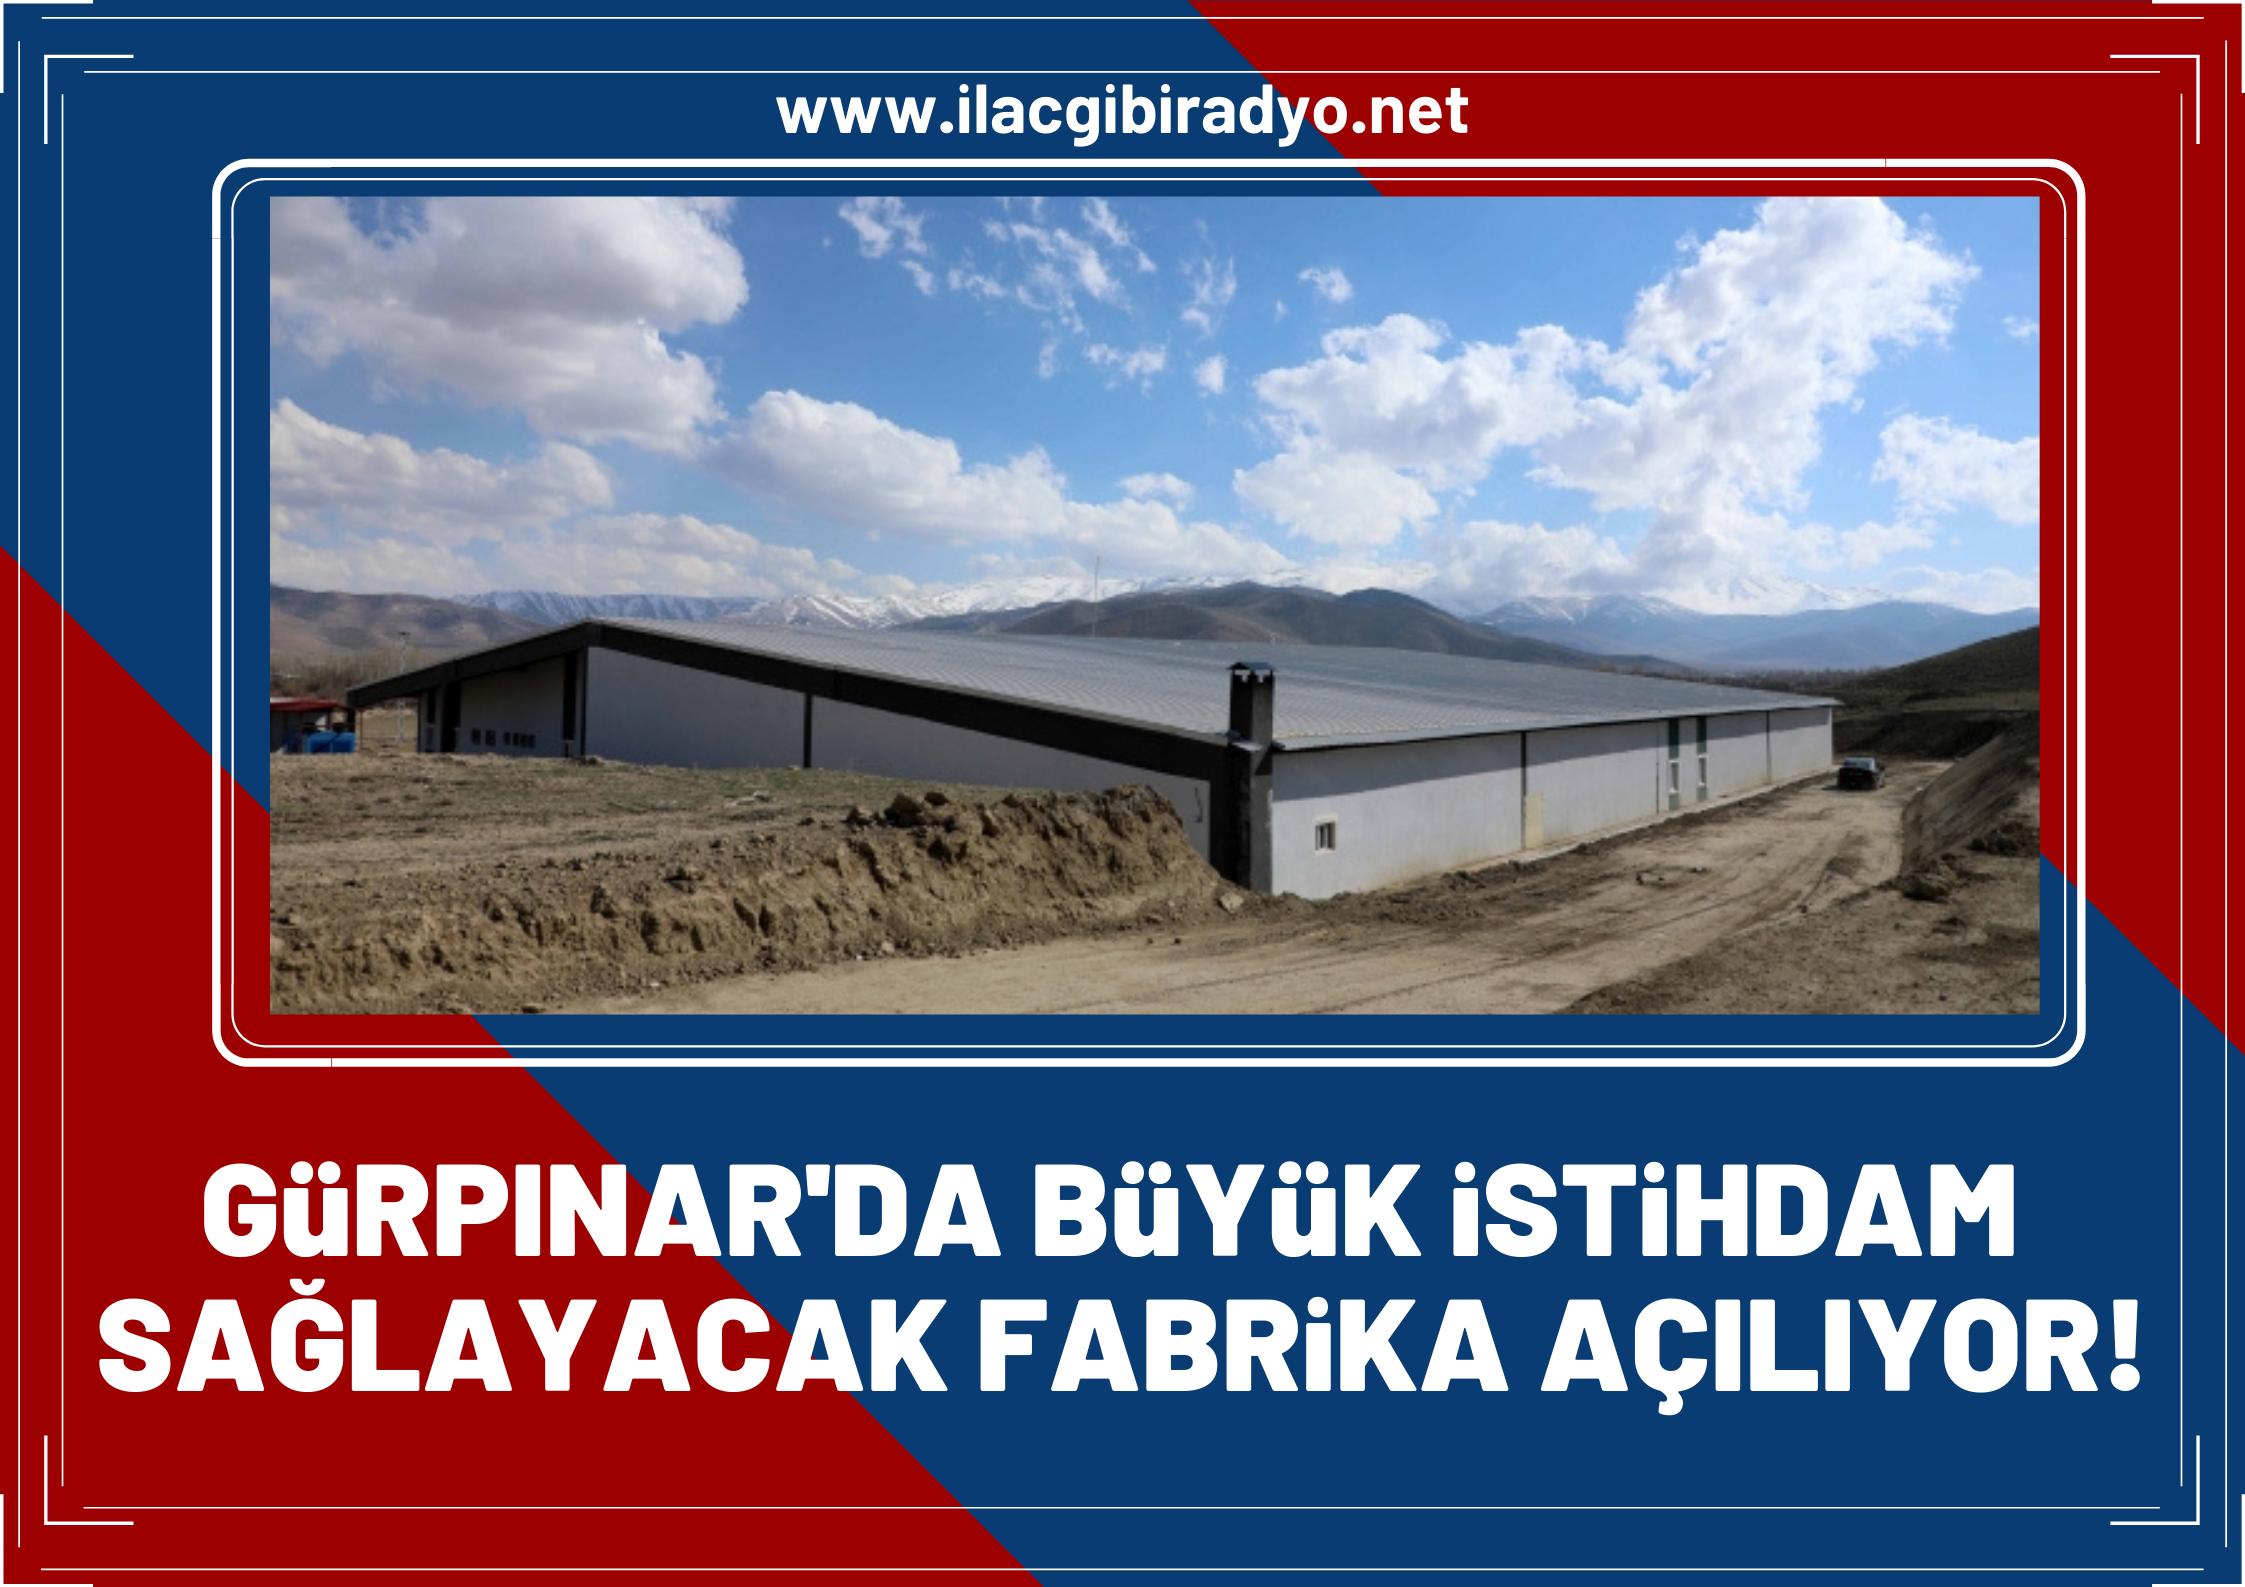 Gürpınar'da büyük istihdam sağlayacak fabrika açılıyor!